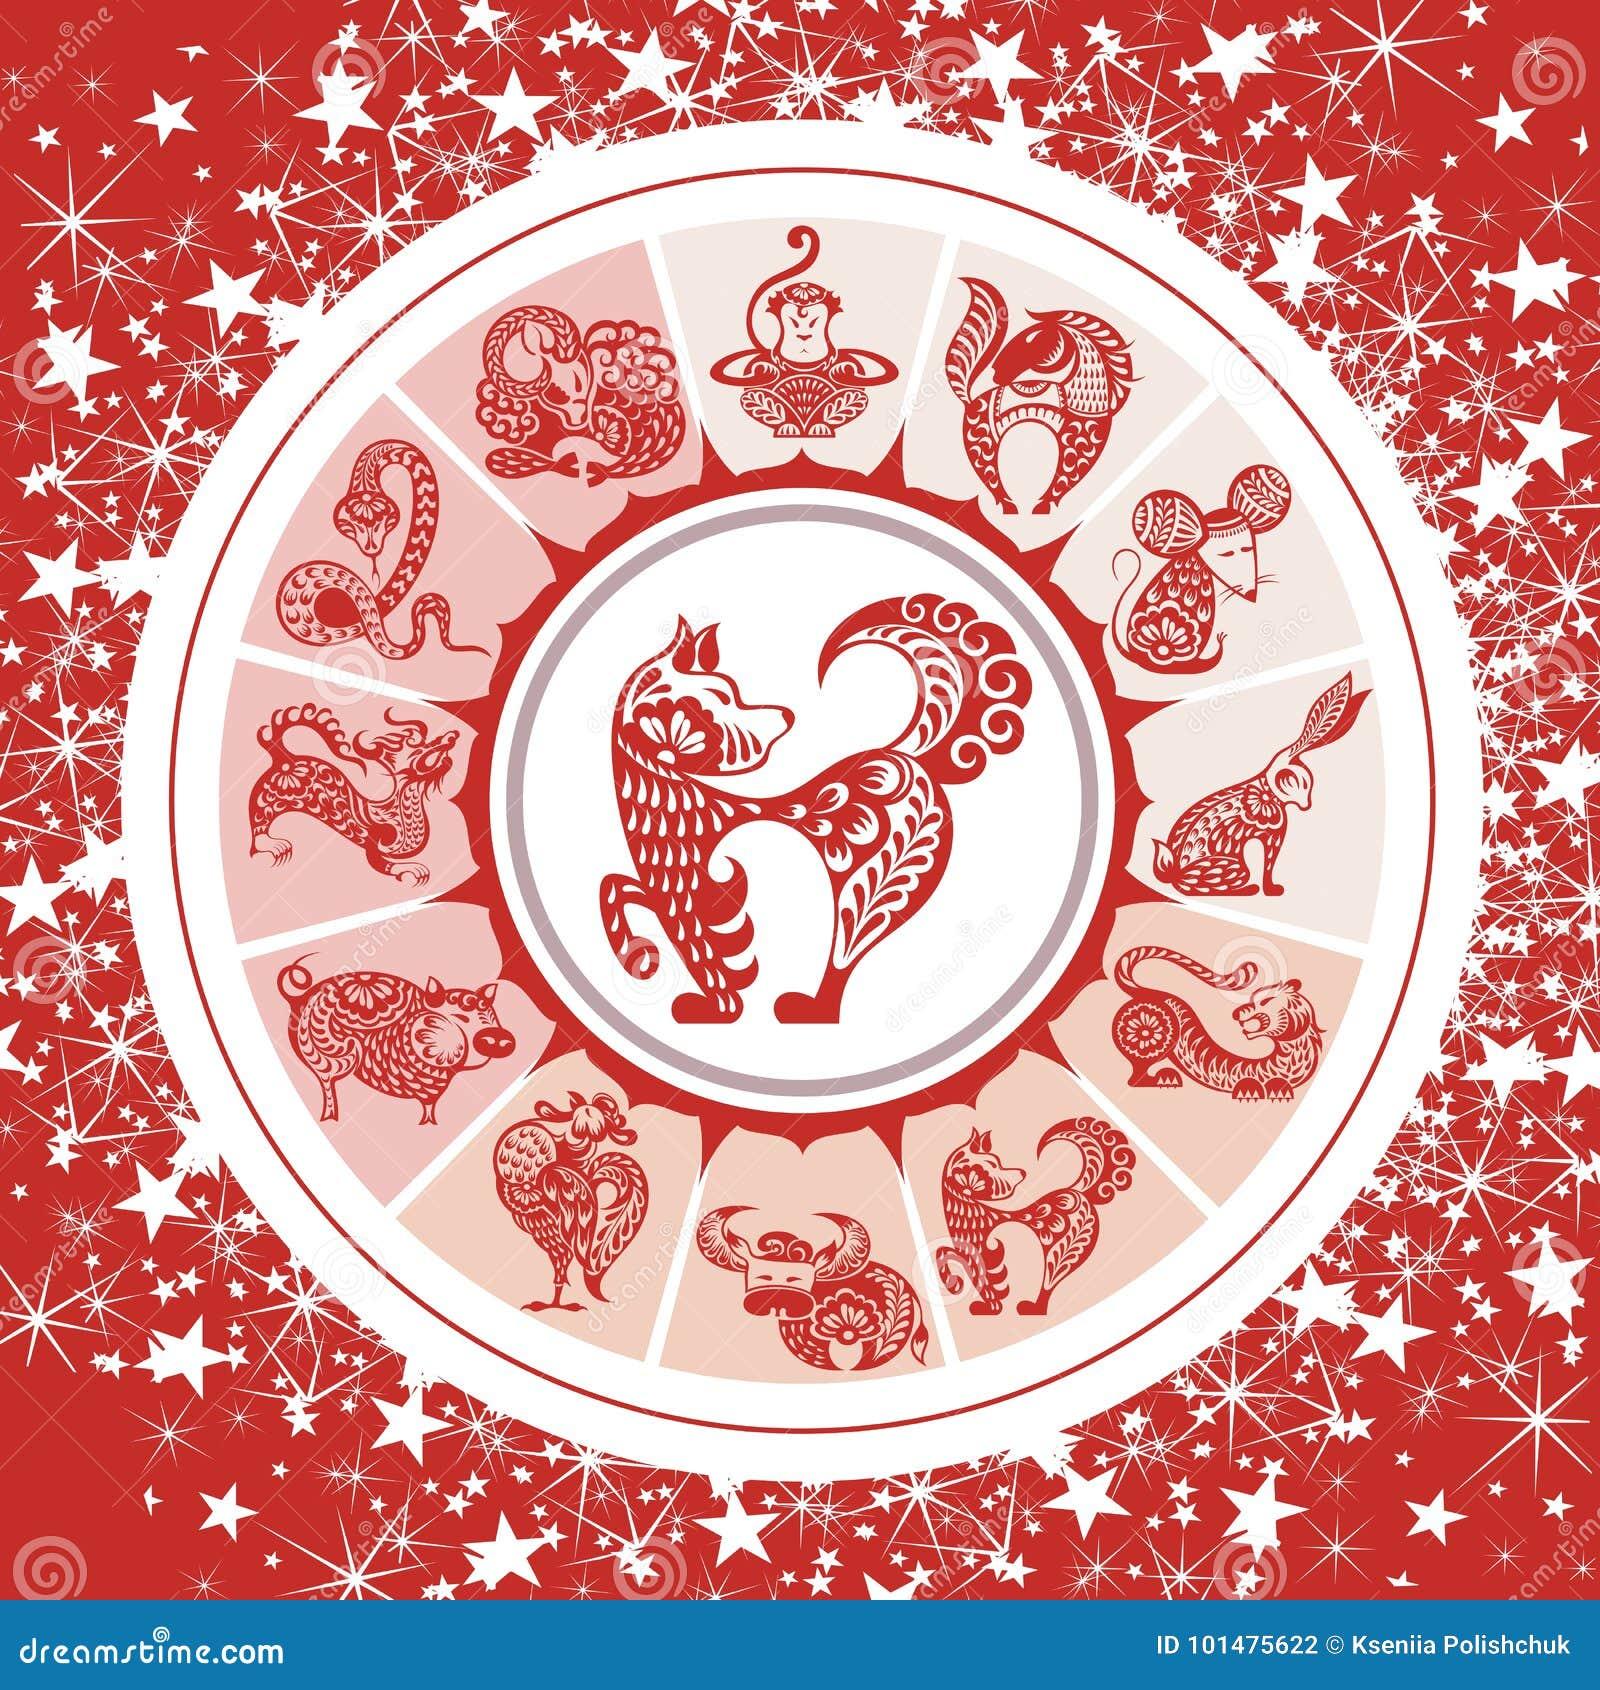 Китайское колесо зодиака с 12 животными символами